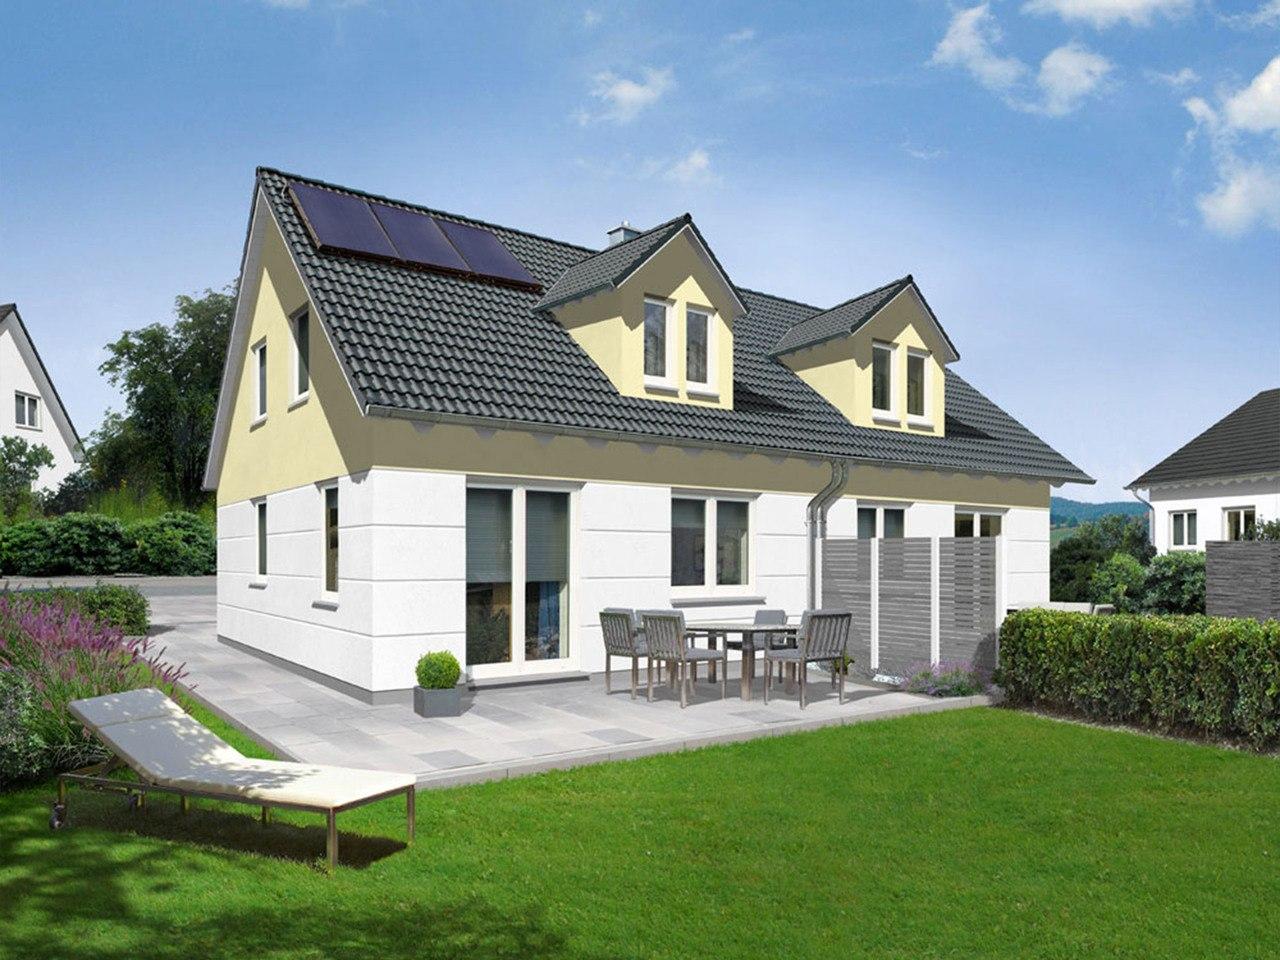 Doppelhaus Duett 115 Trend a1